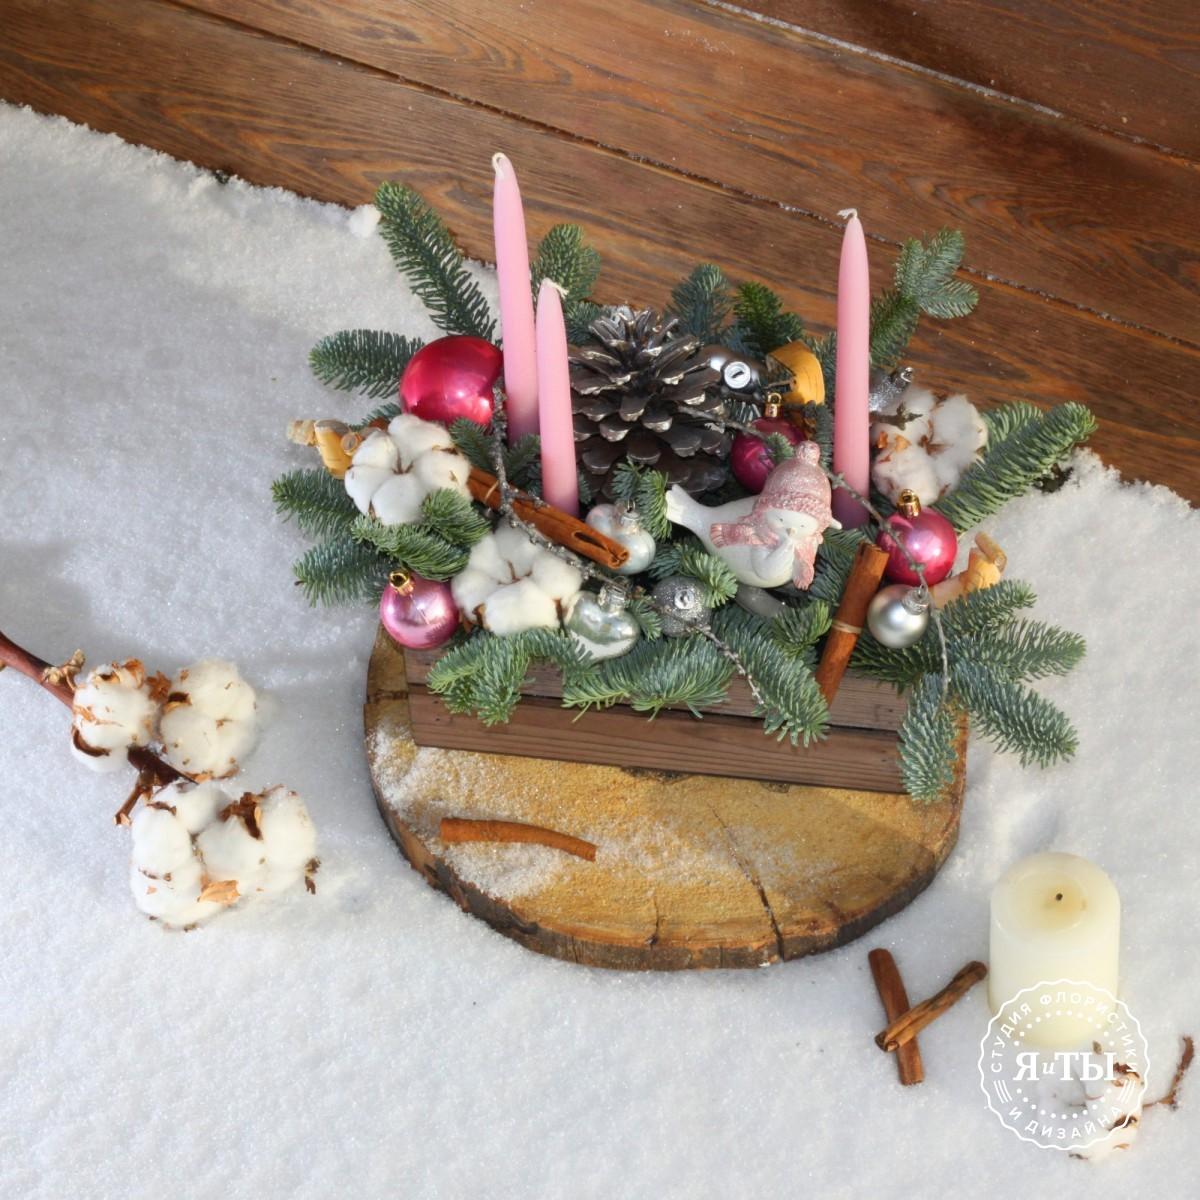 Бело-розовая композиция со свечами